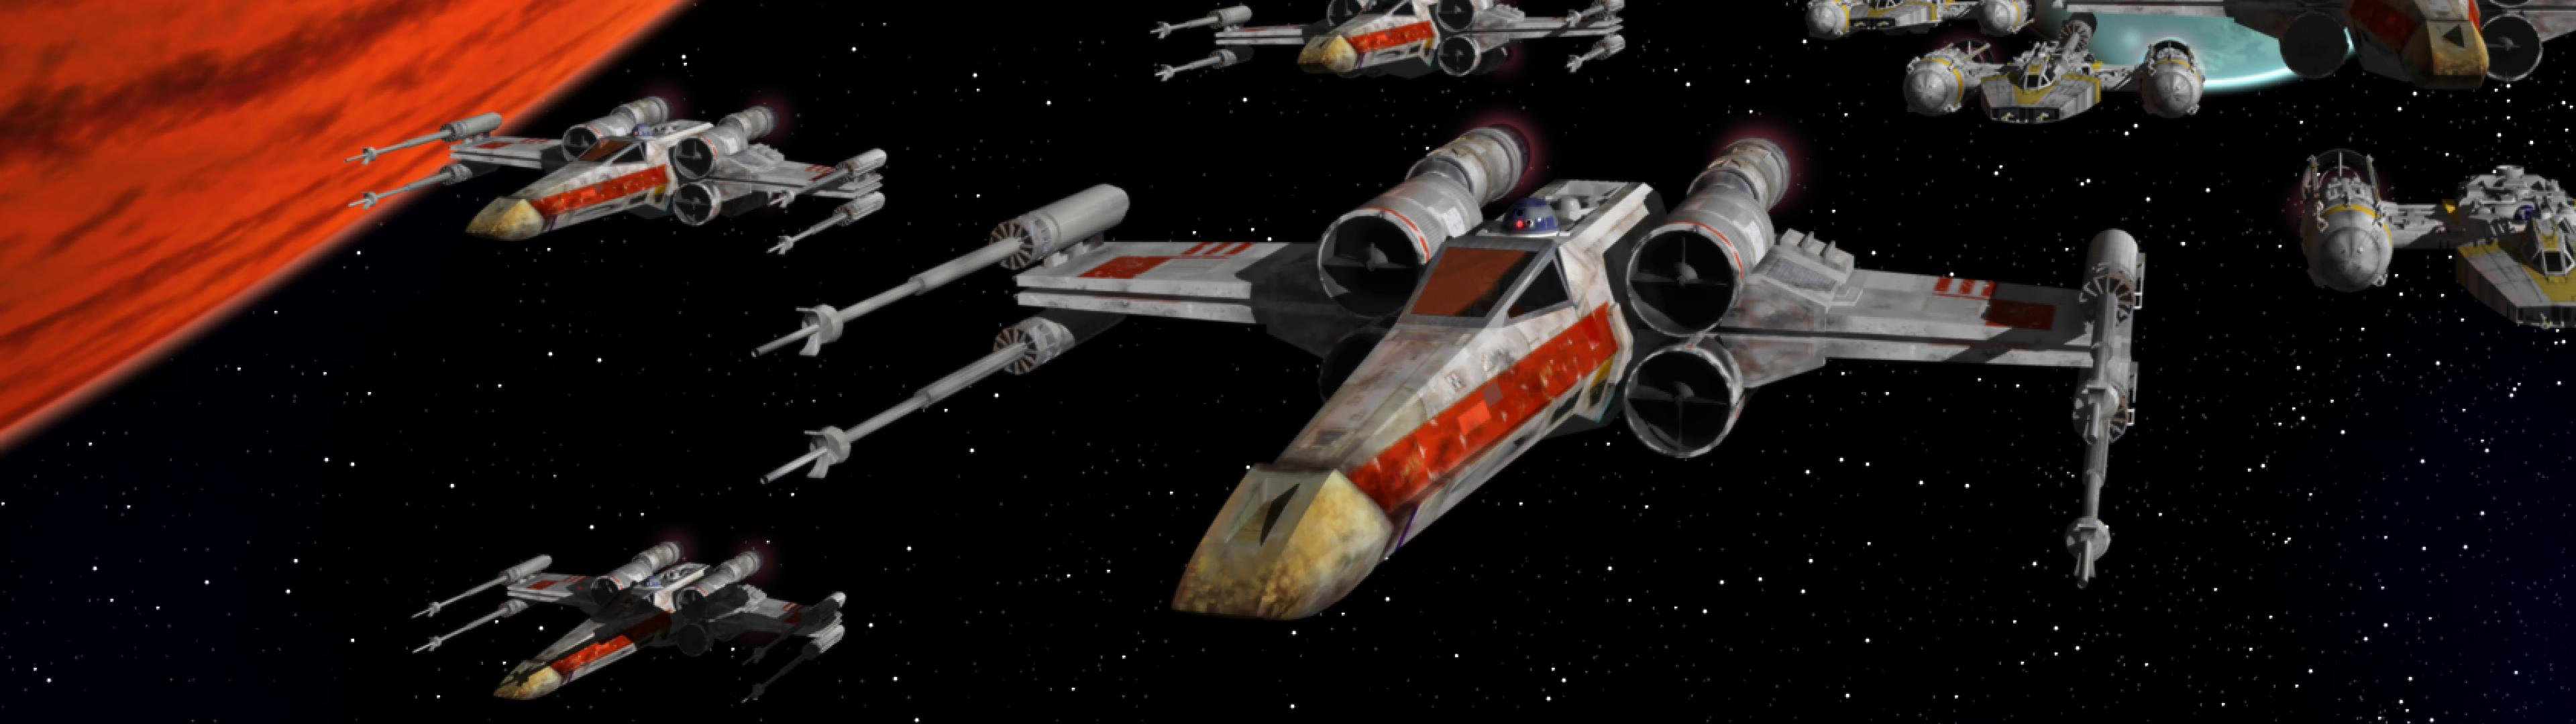 SW – star_wars_x-wing_planets_fleet_desktop_1680x1200_hd-wallpaper-228598